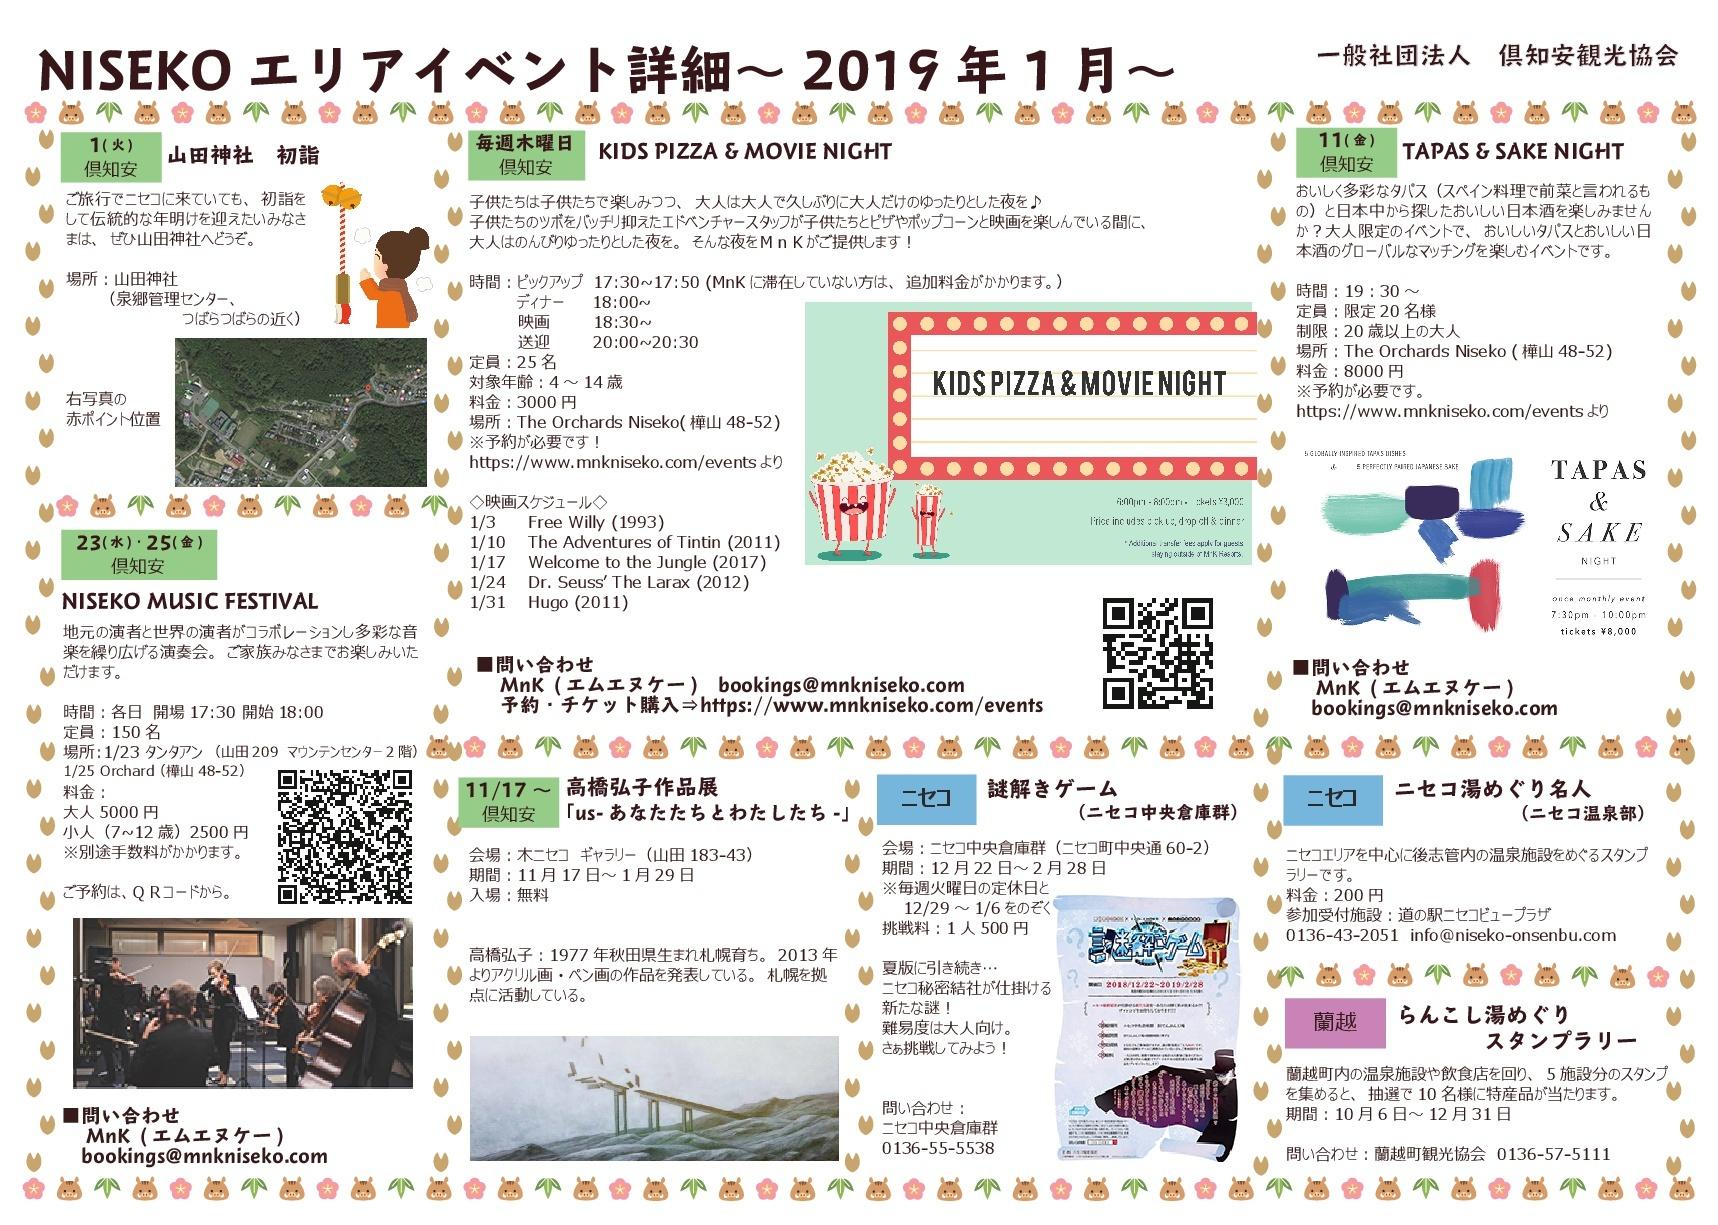 201901イベント詳細ー2 001 2